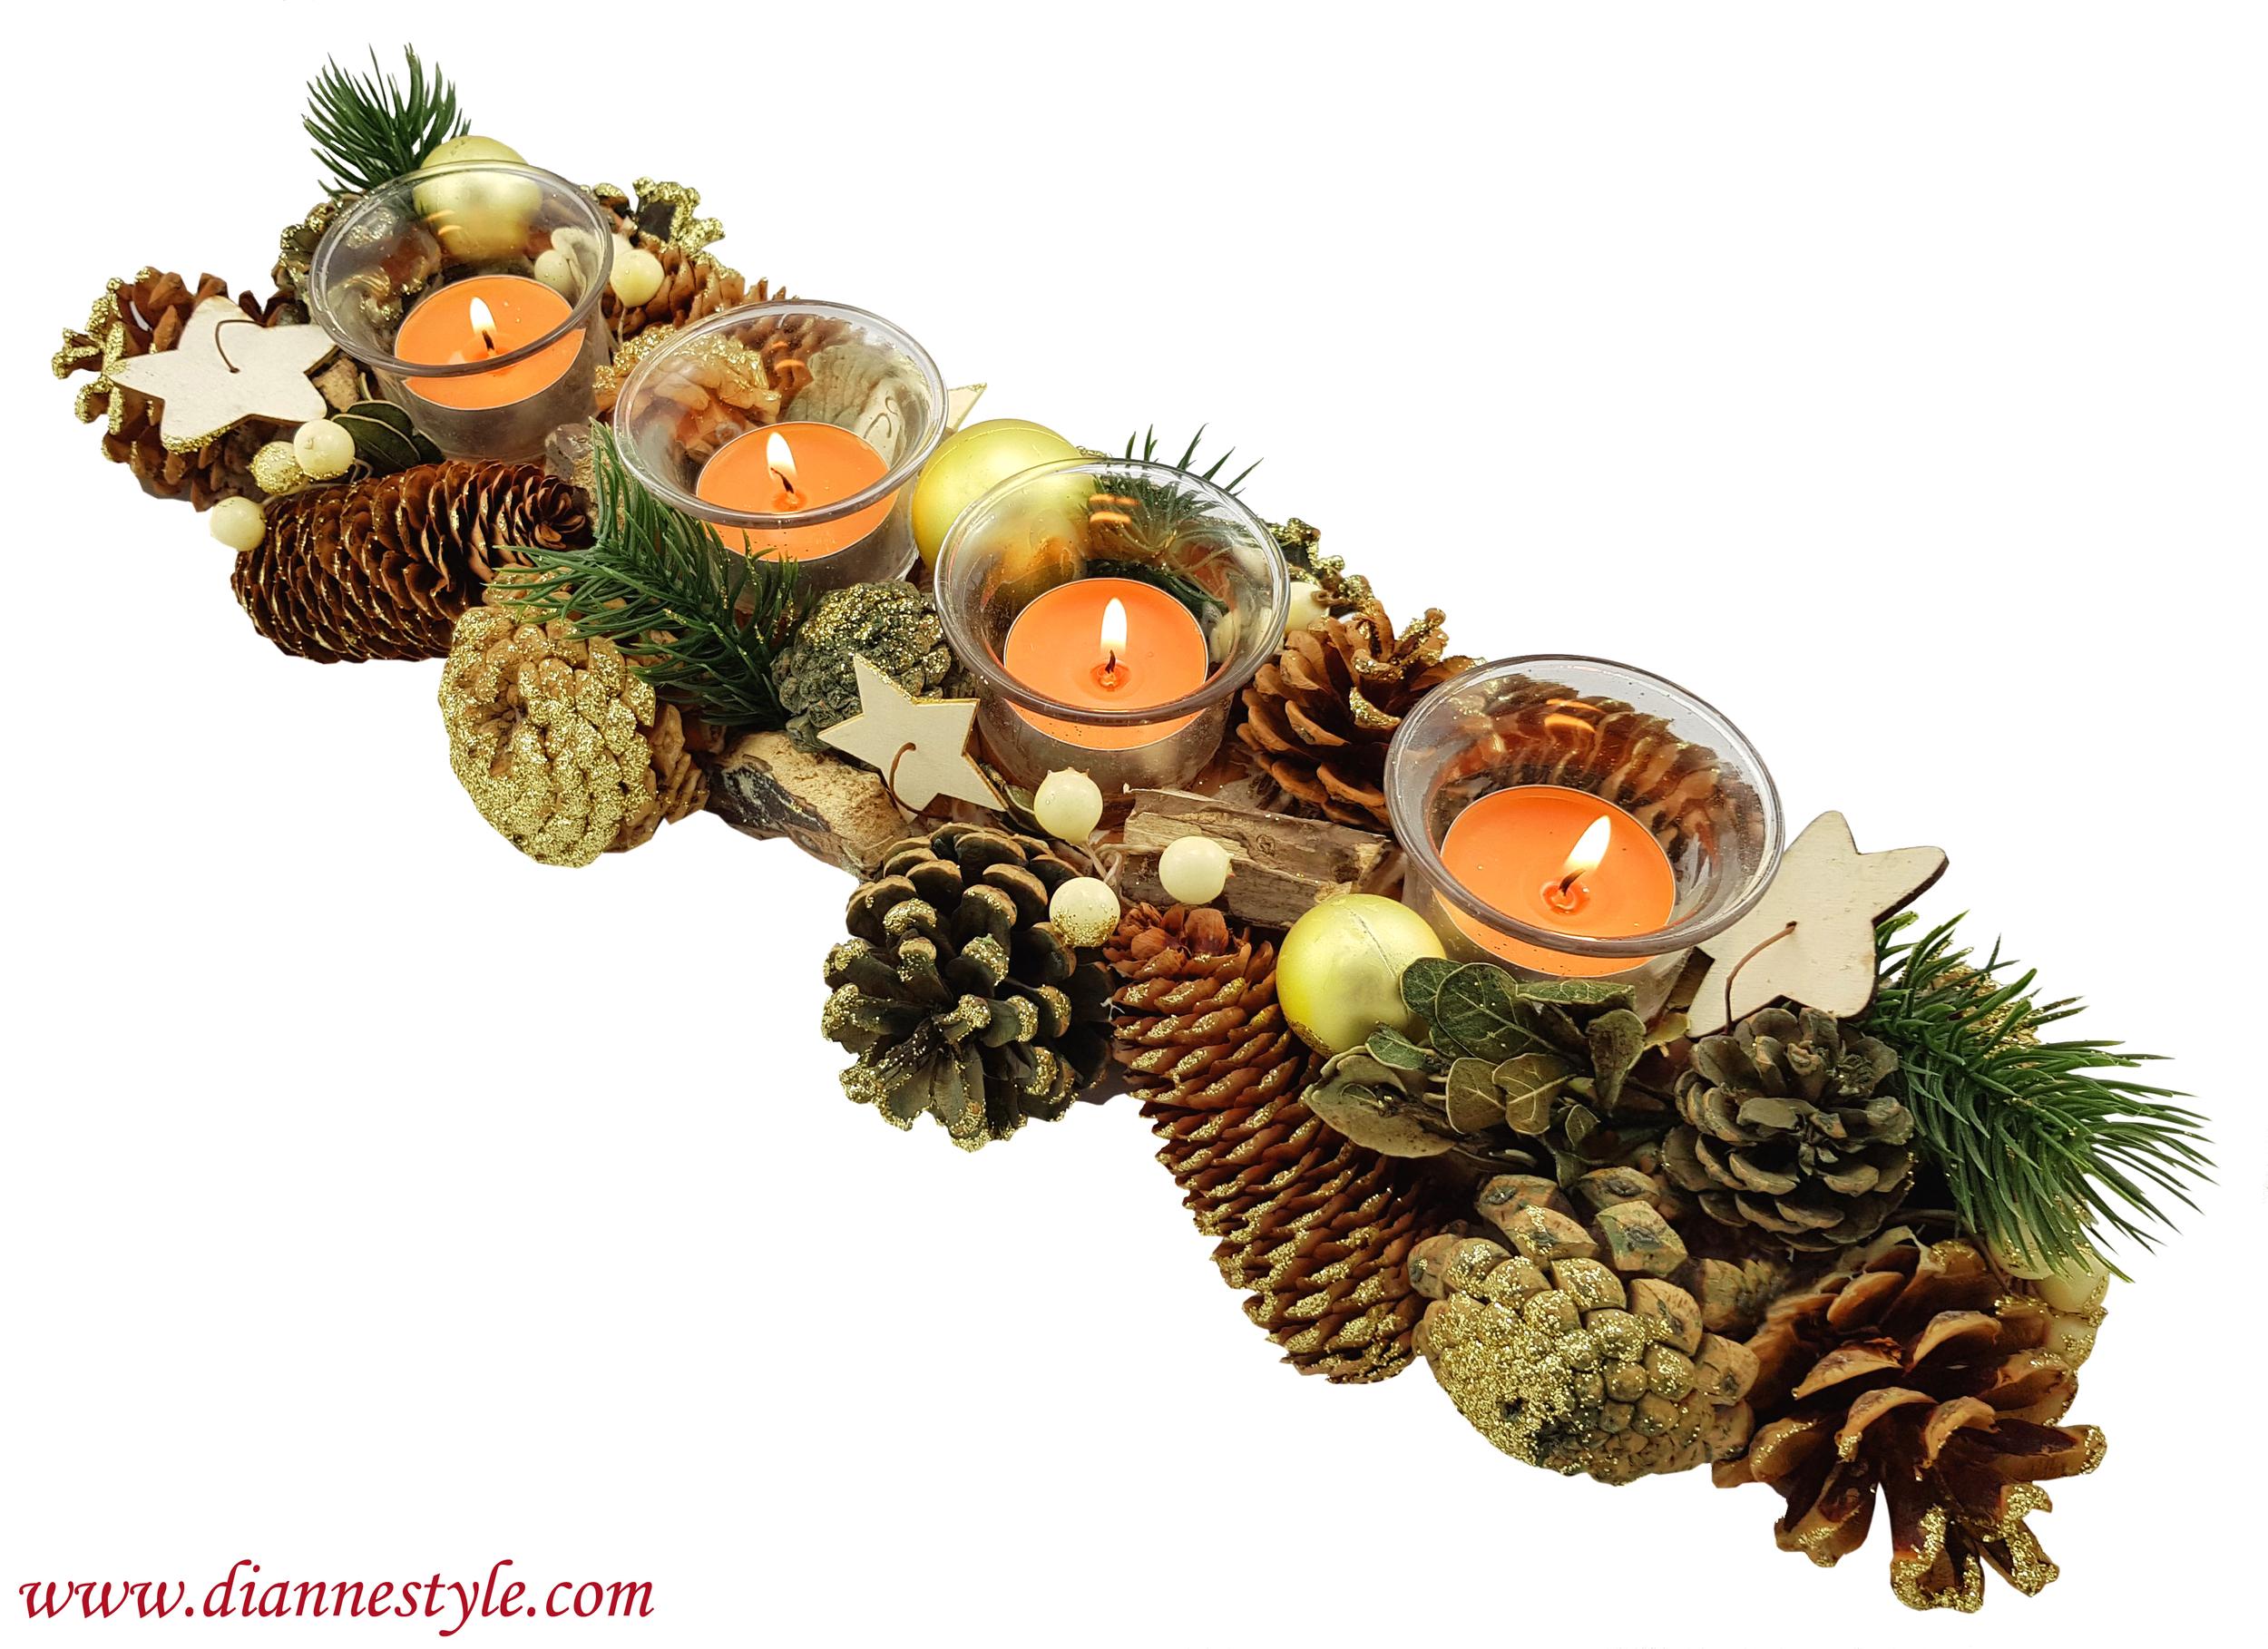 Décoration de Noël rectangulaire. Brune et dorée. Réf. 281